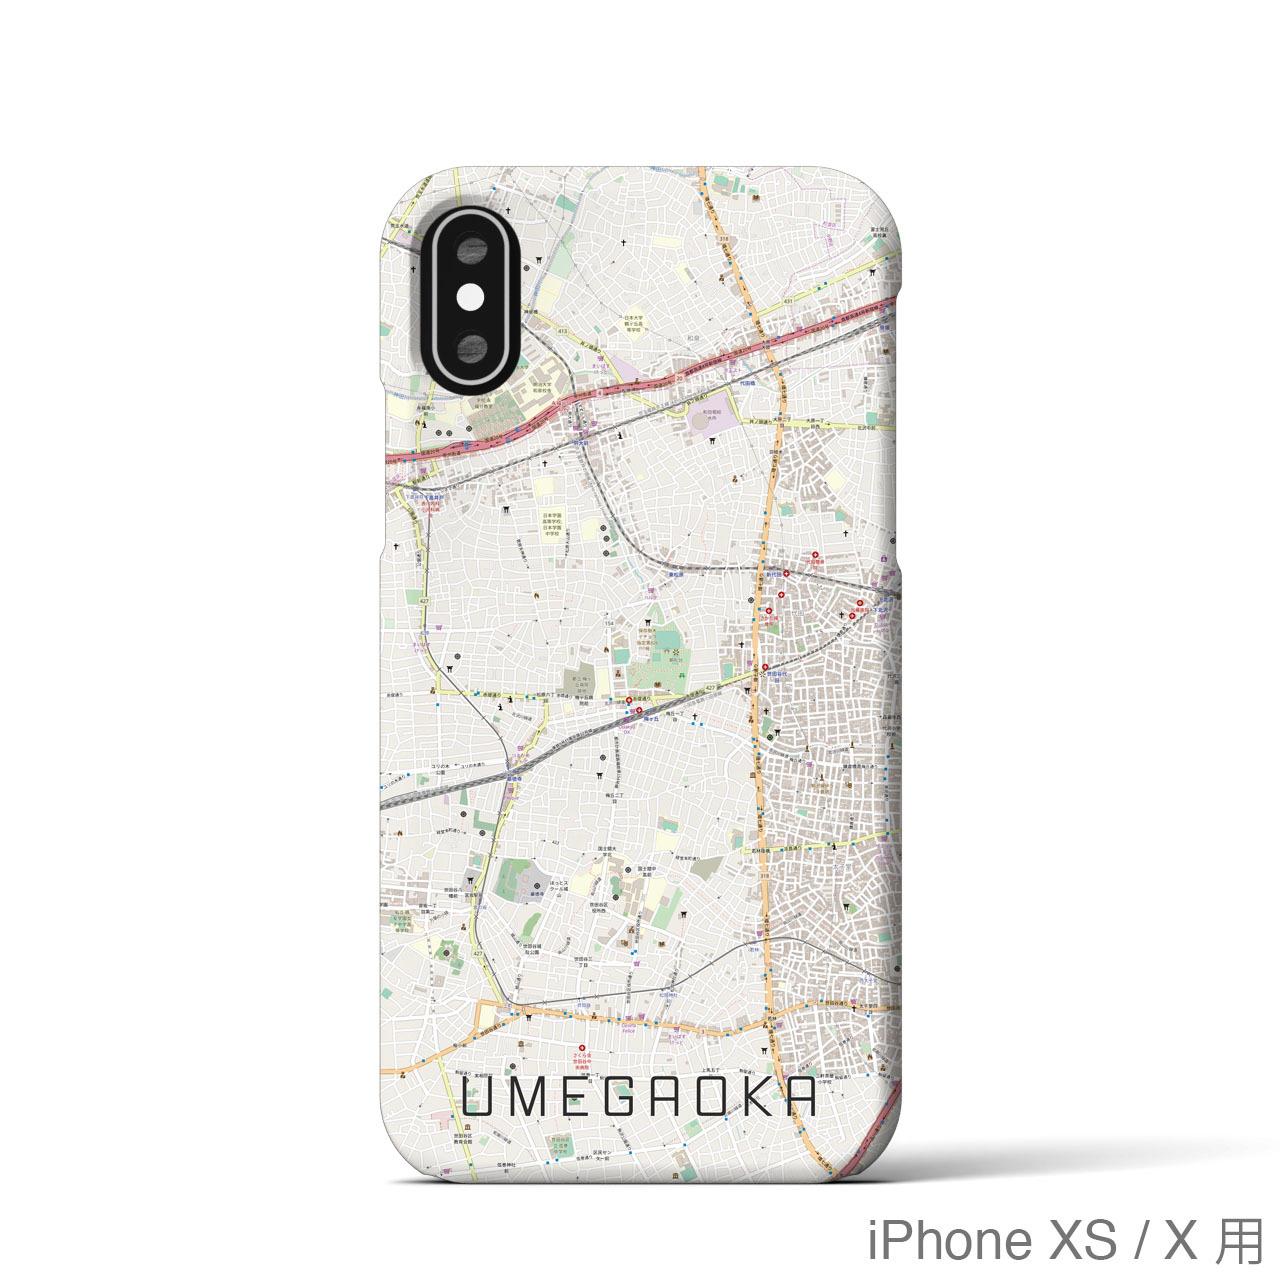 【梅ヶ丘】地図柄iPhoneケース(バックカバータイプ・ナチュラル)